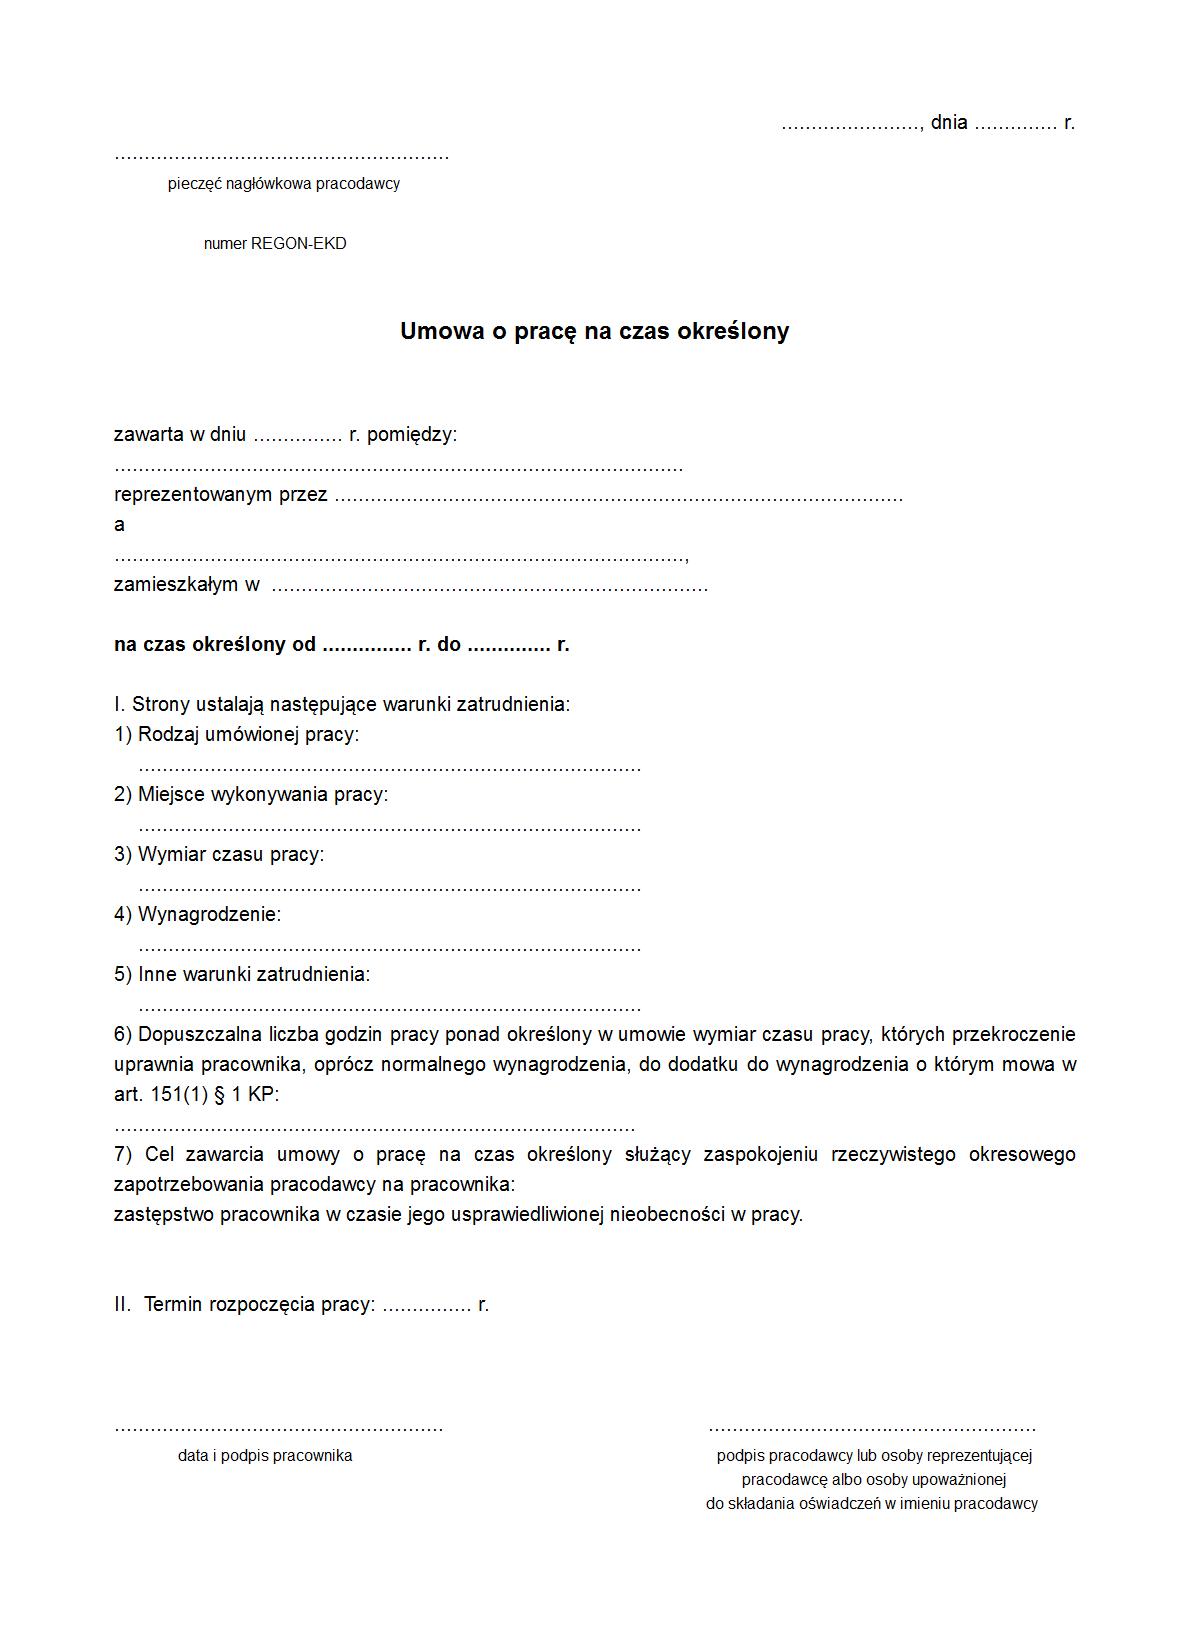 UoPCO Umowa o pracę na czas określony